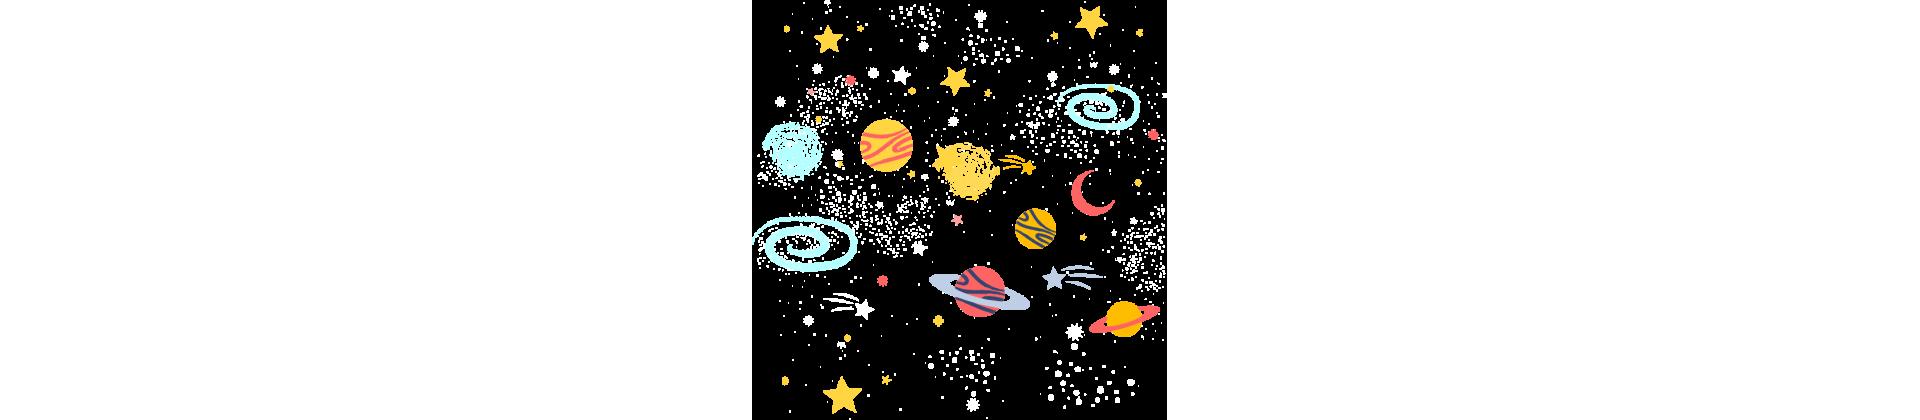 Espace et constellations